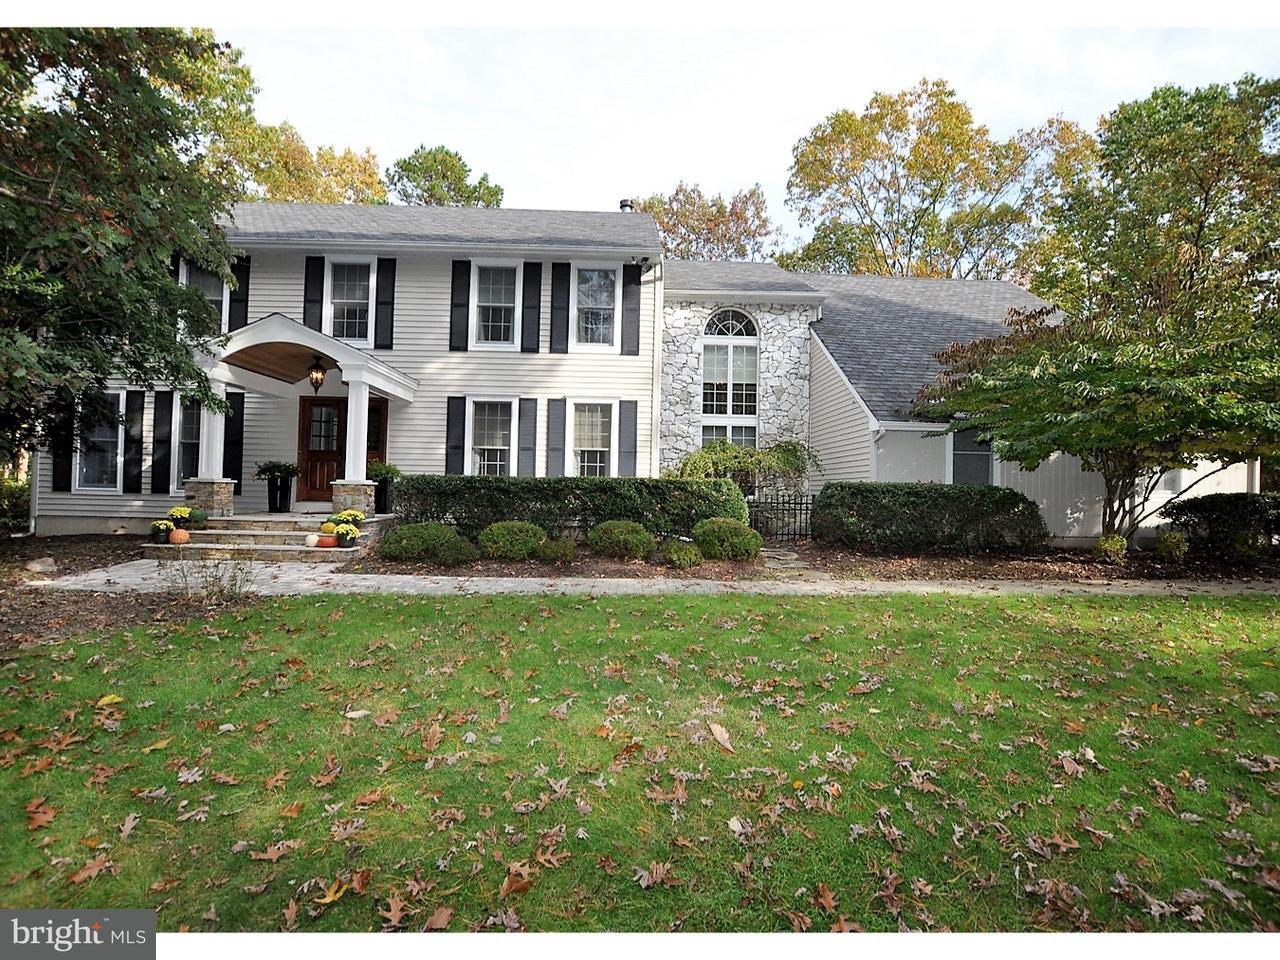 一戸建て のために 売買 アット 20 FOX HILL Drive Southampton, ニュージャージー 08088 アメリカ合衆国